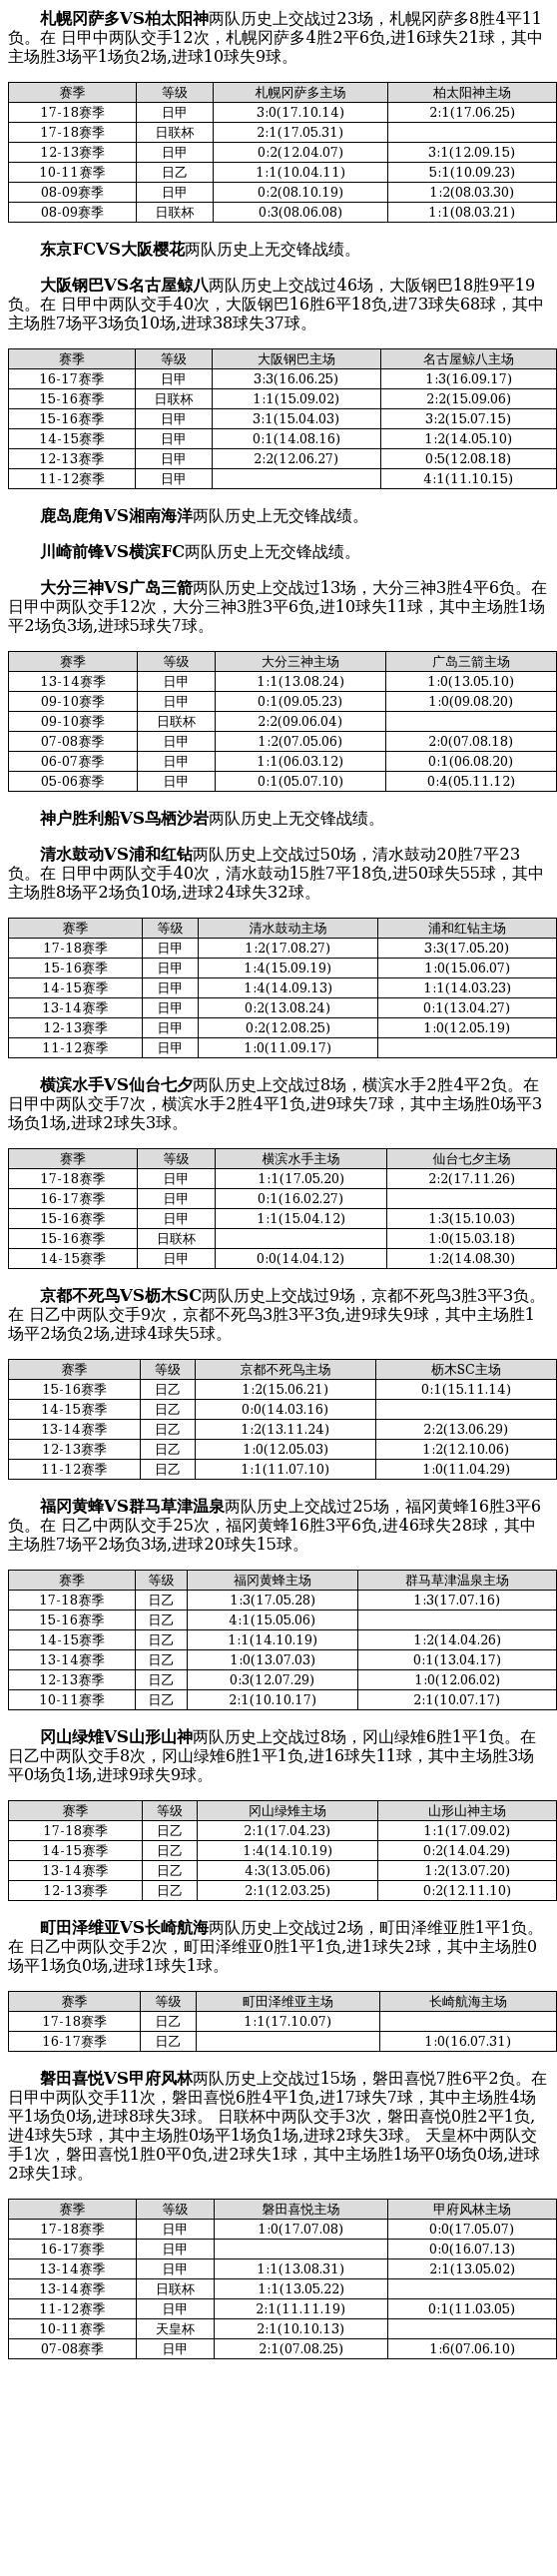 中国足球彩票20036期胜负游戏14场交战记录